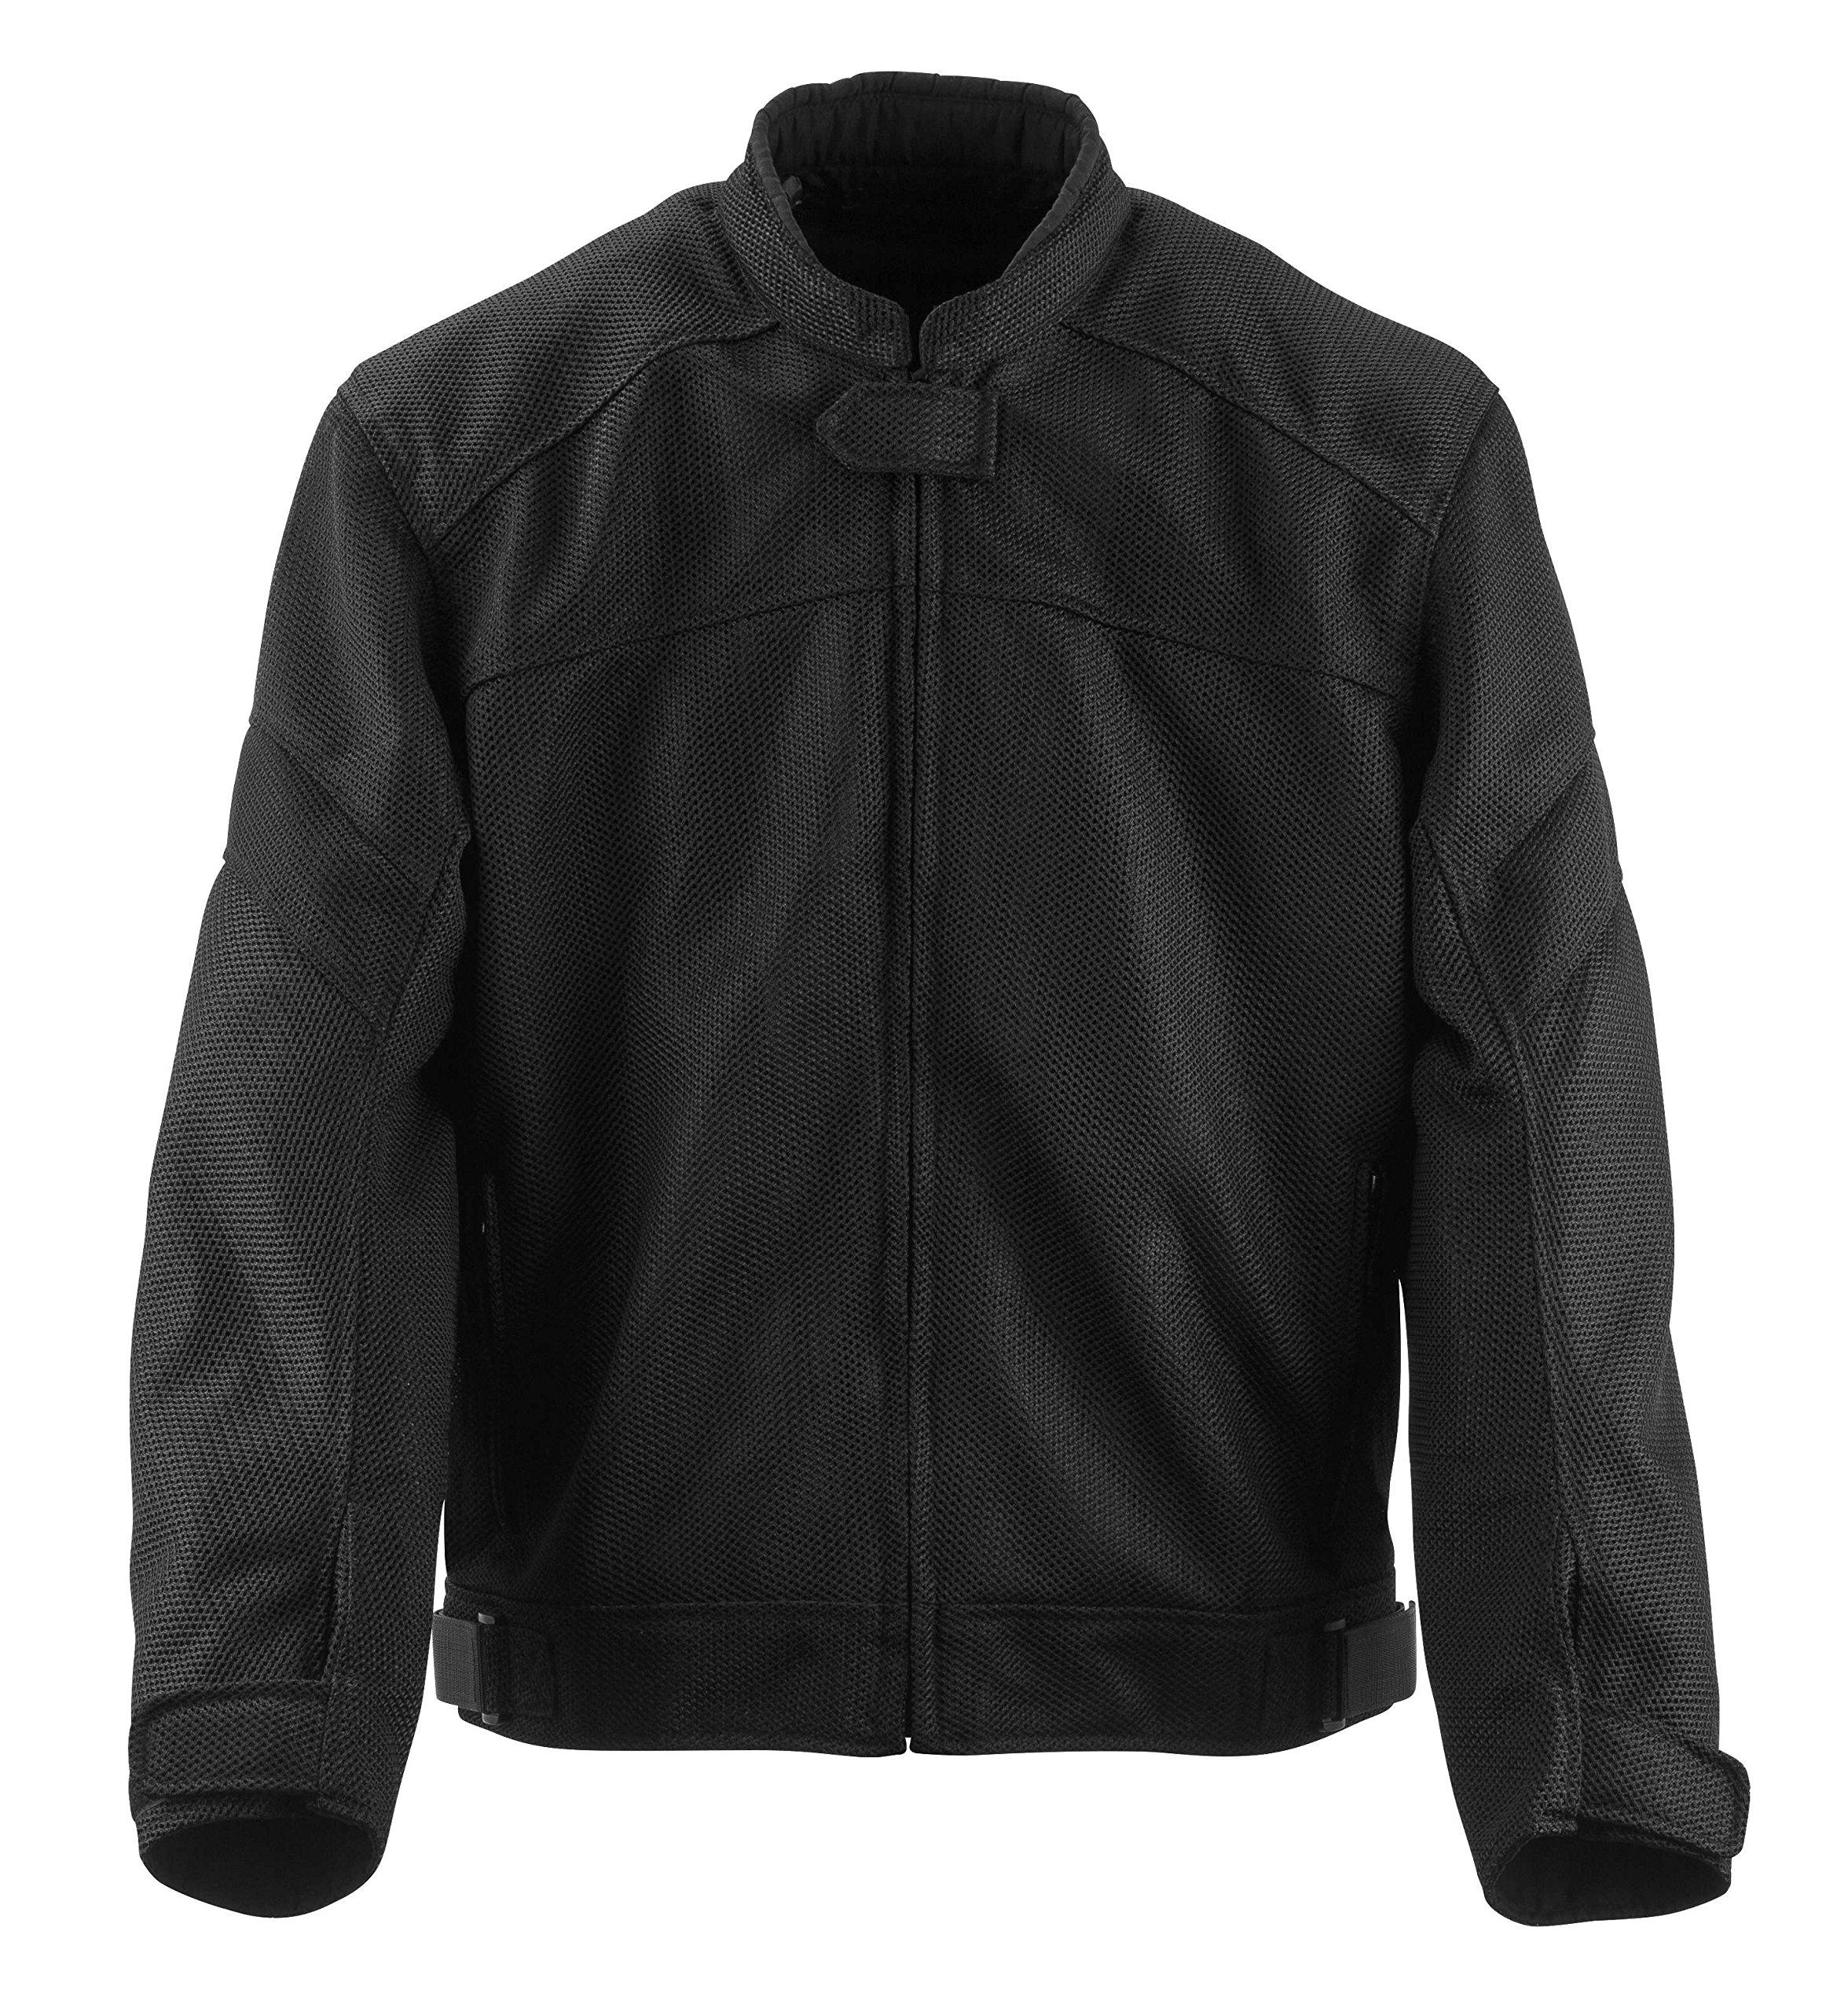 Black Brand Men's Mesh Flow Motorcycle Jacket (Black, X-Large)